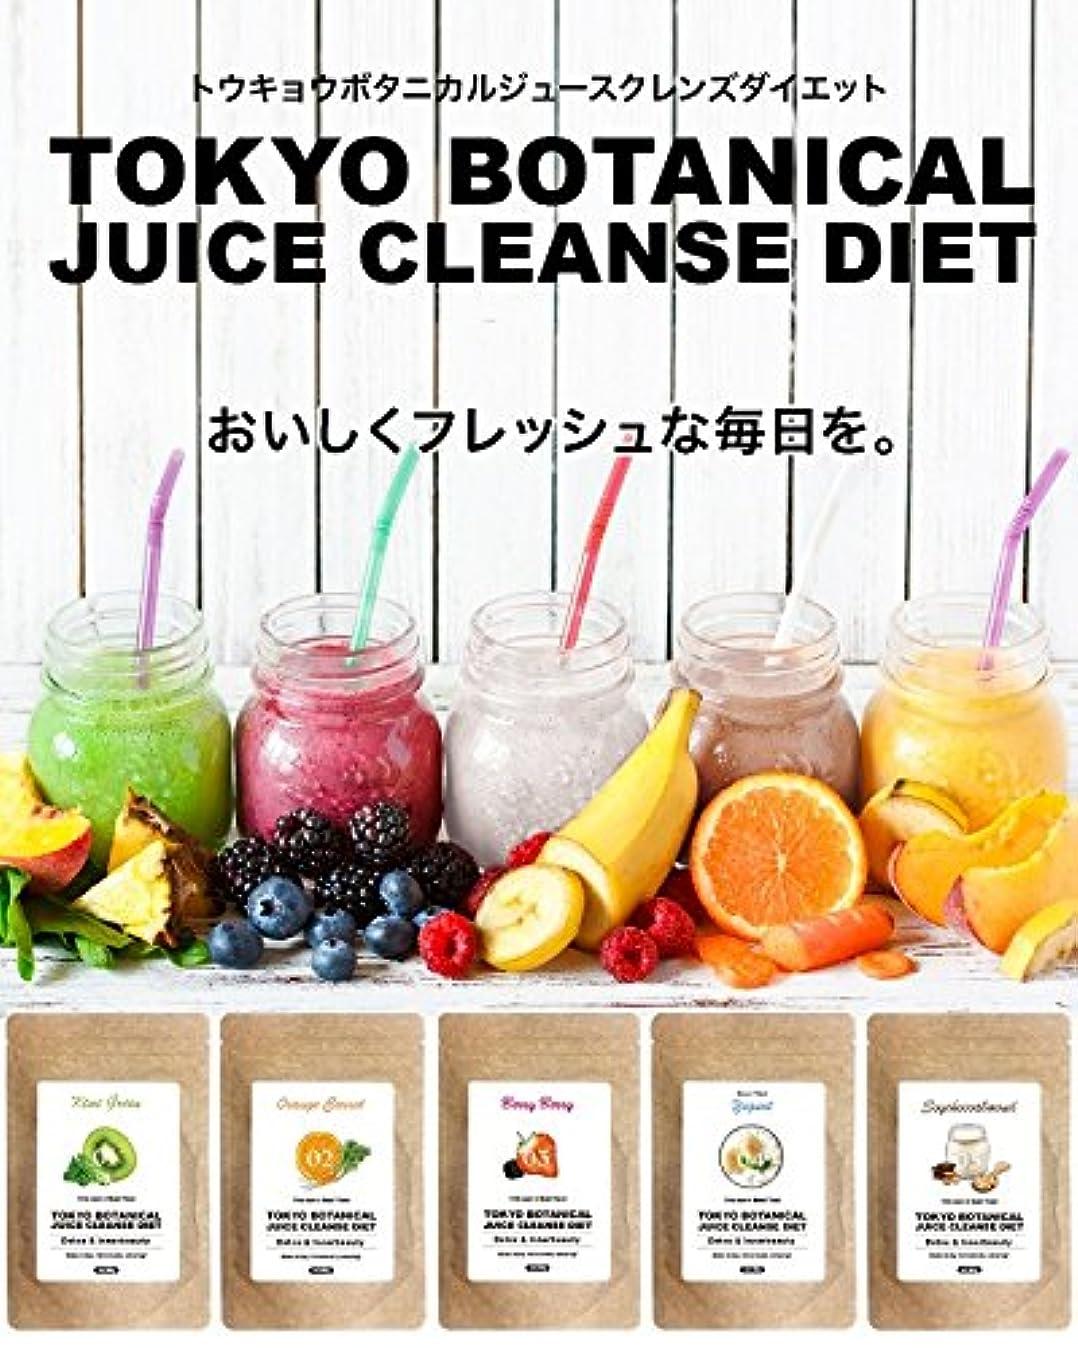 がっかりしたそんなにでも東京ボタニカルジュースクレンズダイエット  オレンジキャロット&ヨーグルトセット